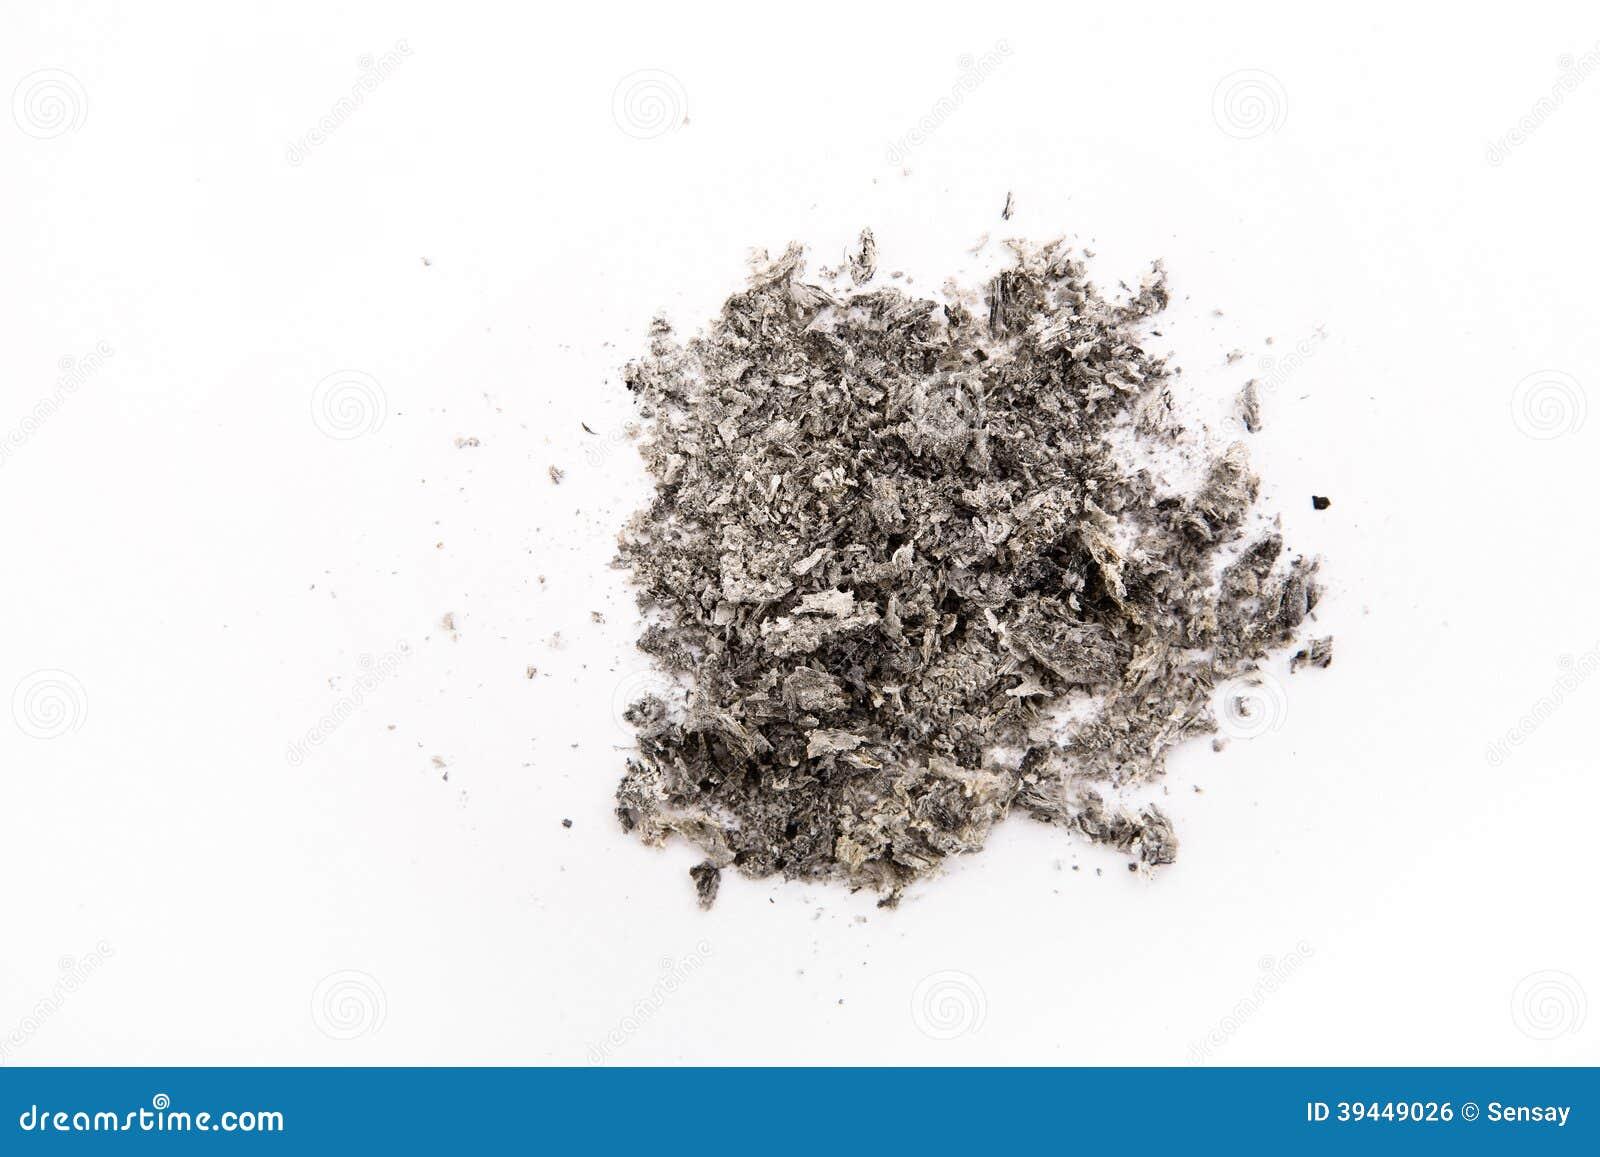 Cigarette Ash Stock Photo Image 39449026